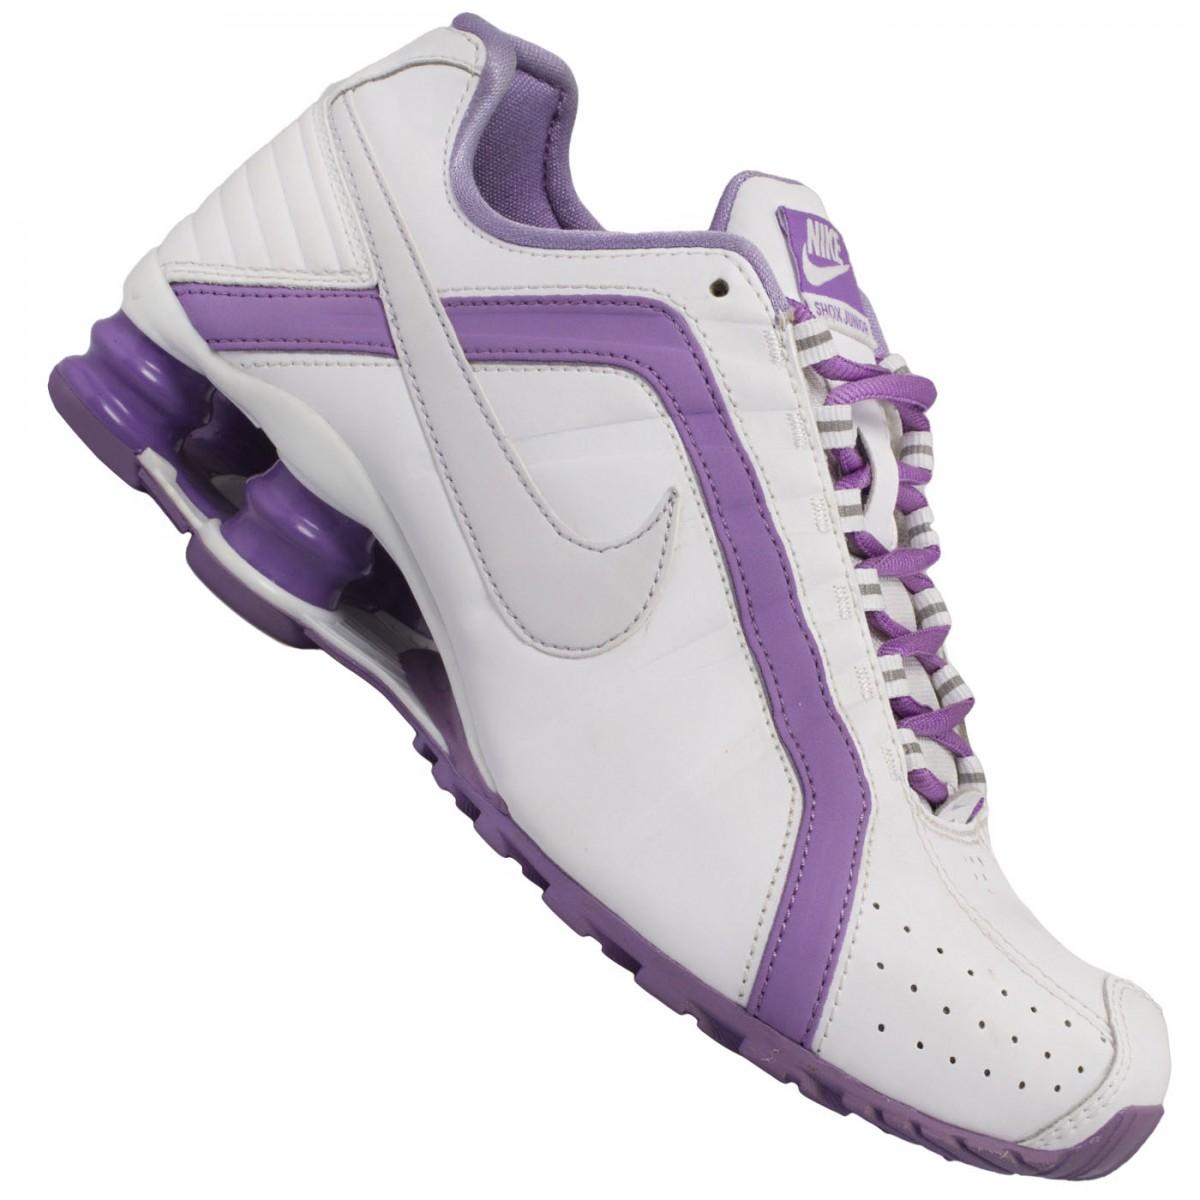 077f01176b Tênis Nike Shox Junior WMNS | Treino e Corrida